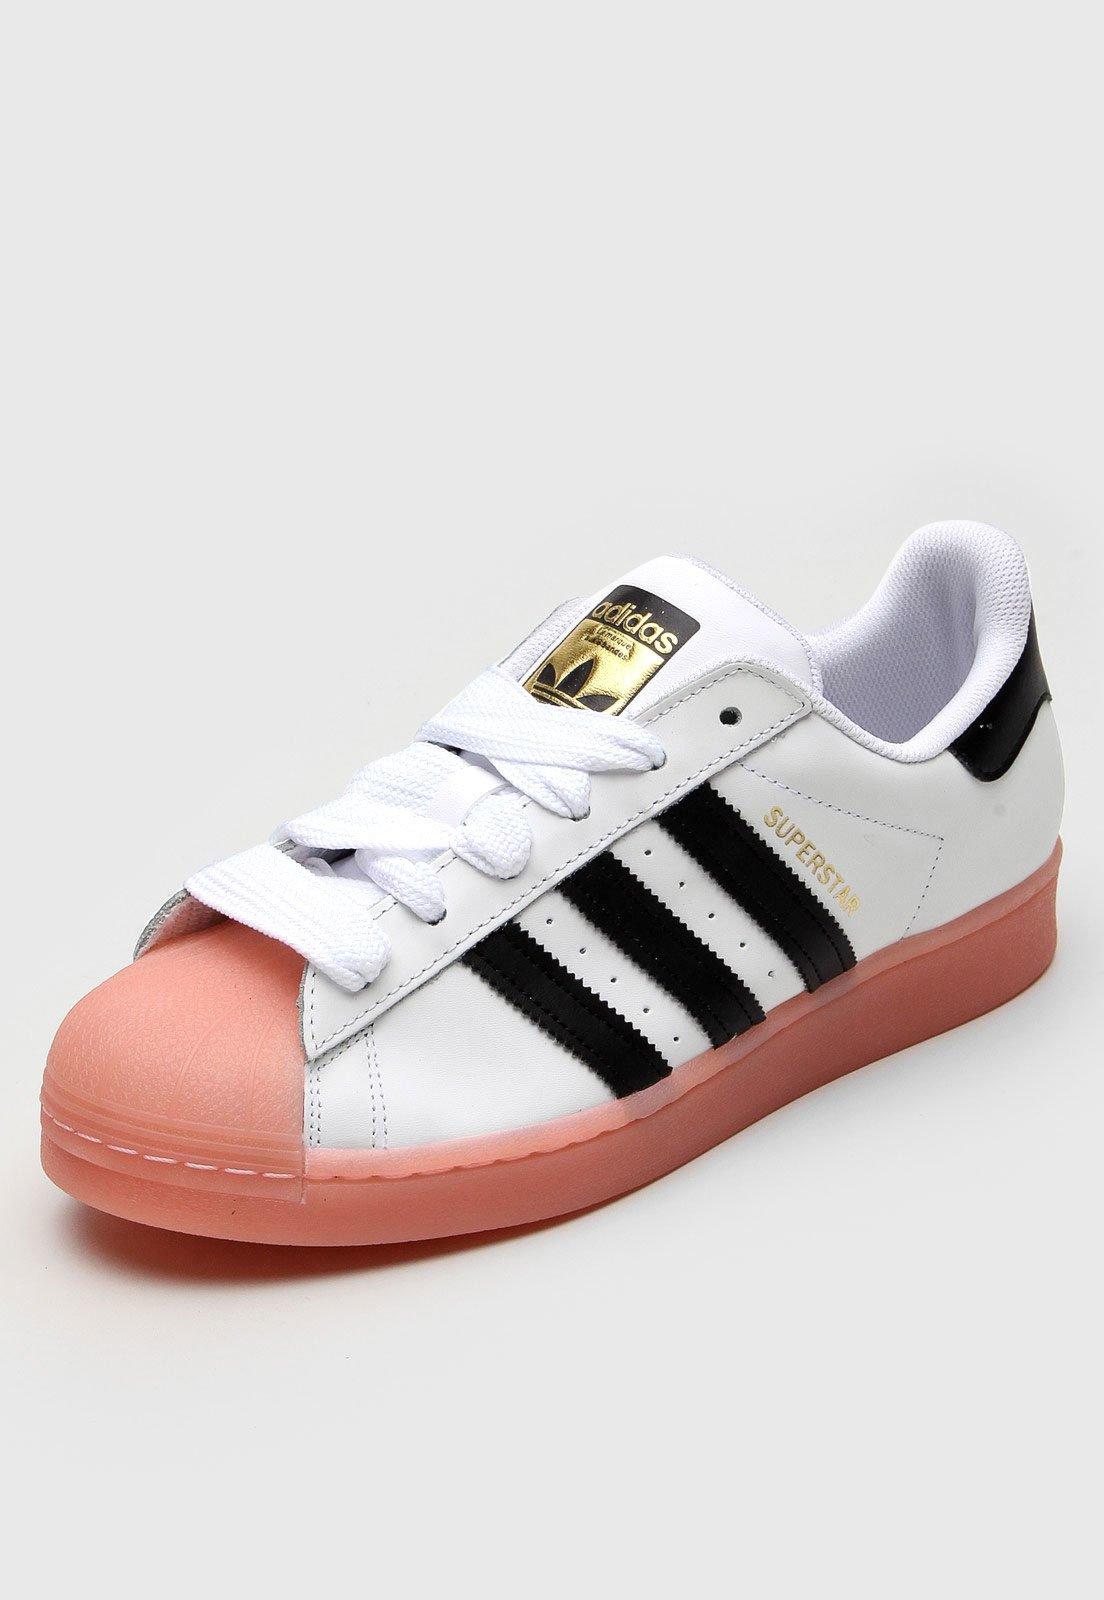 Tênis adidas Originals Superstar W Branco/Rosa - Marca adidas Originals